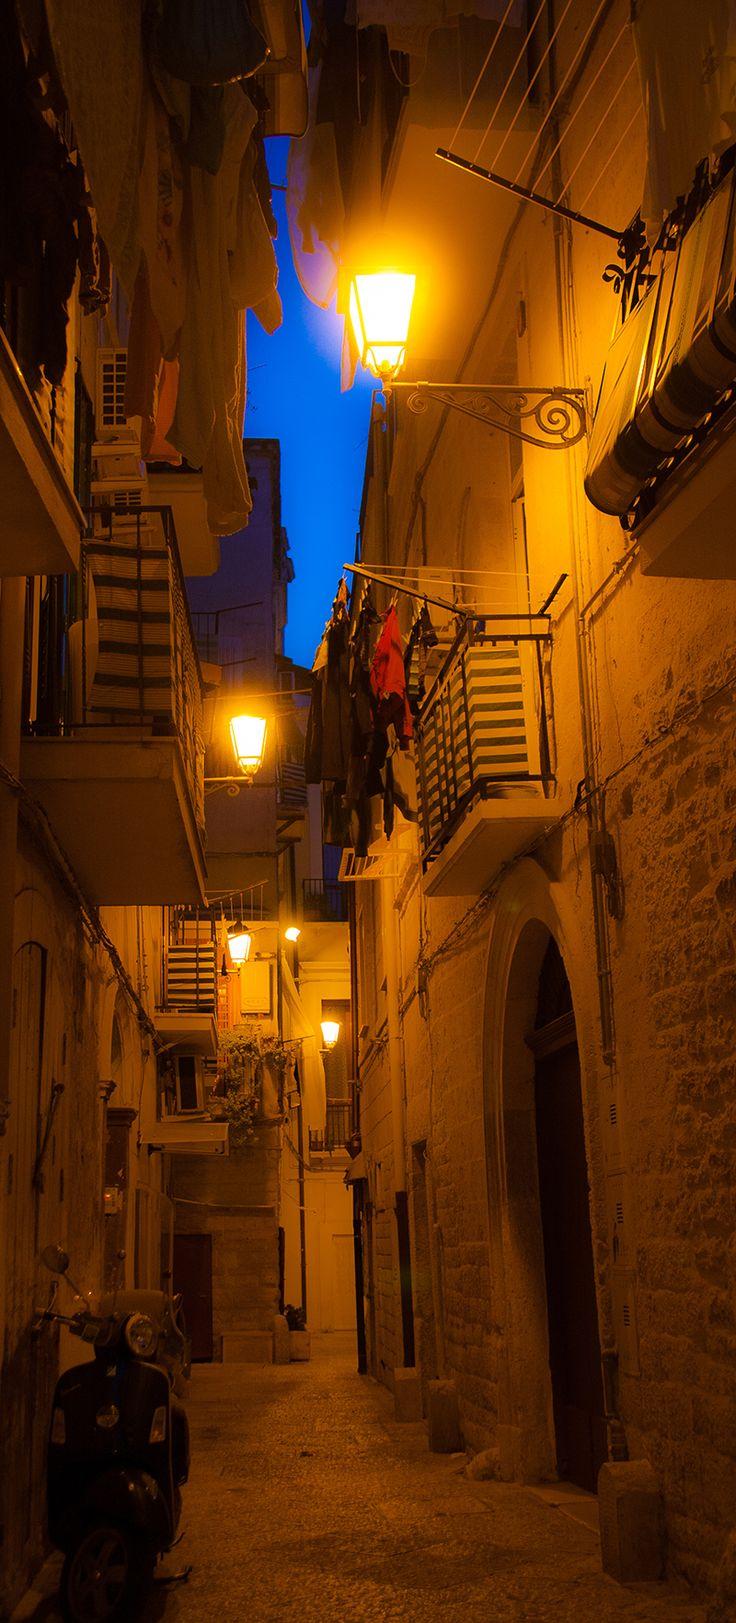 Bari Italy Old city Where